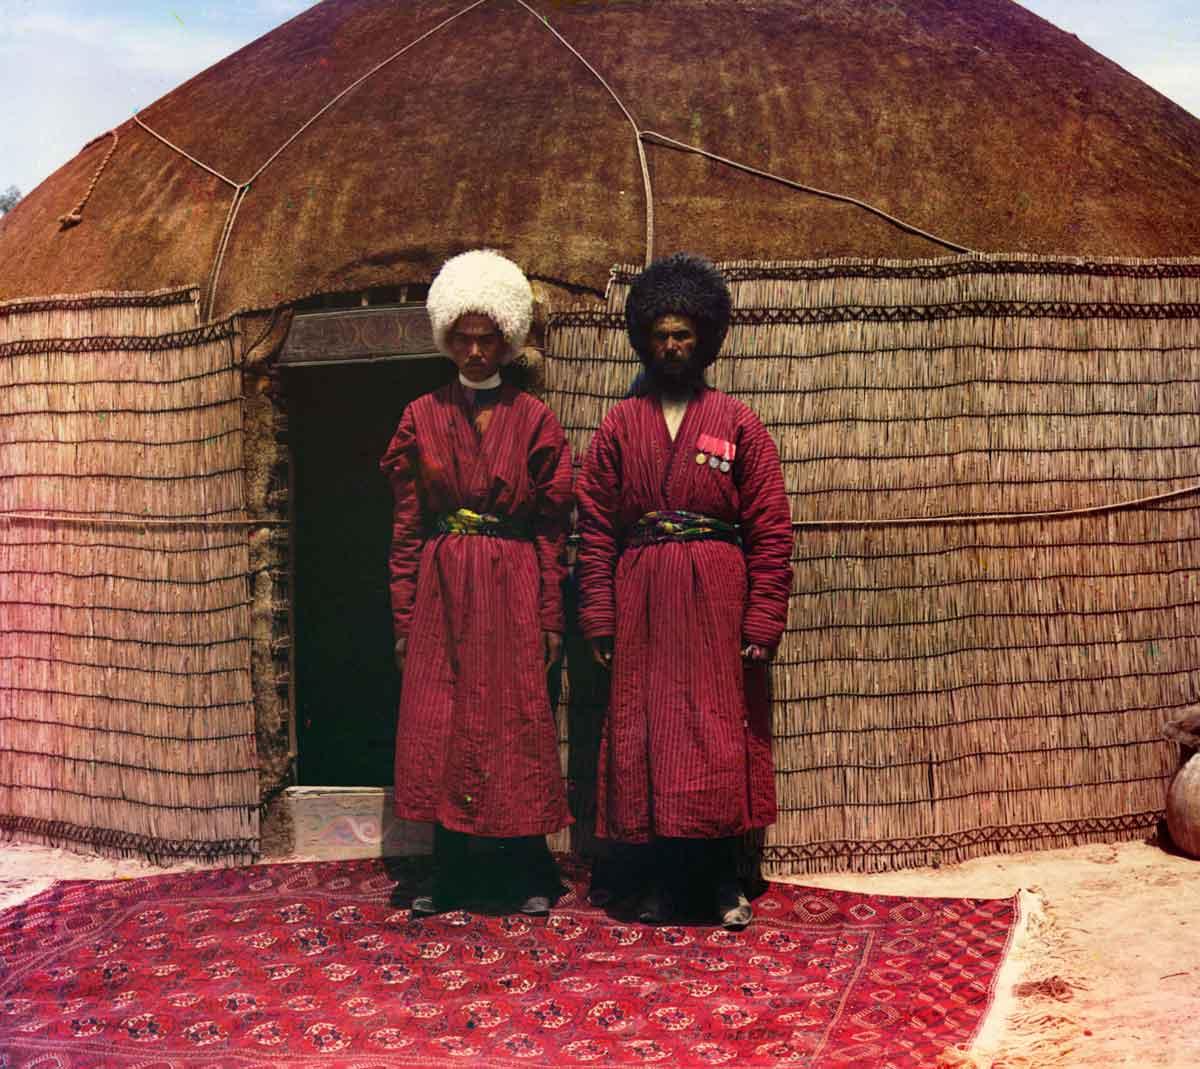 تاریخچه طرح و نقش ترکمن